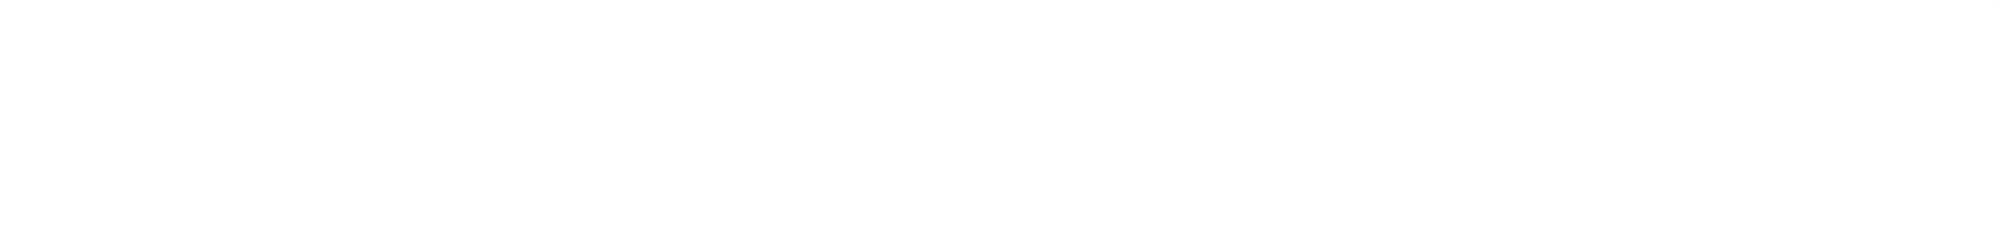 Signature Orthodontics curve image